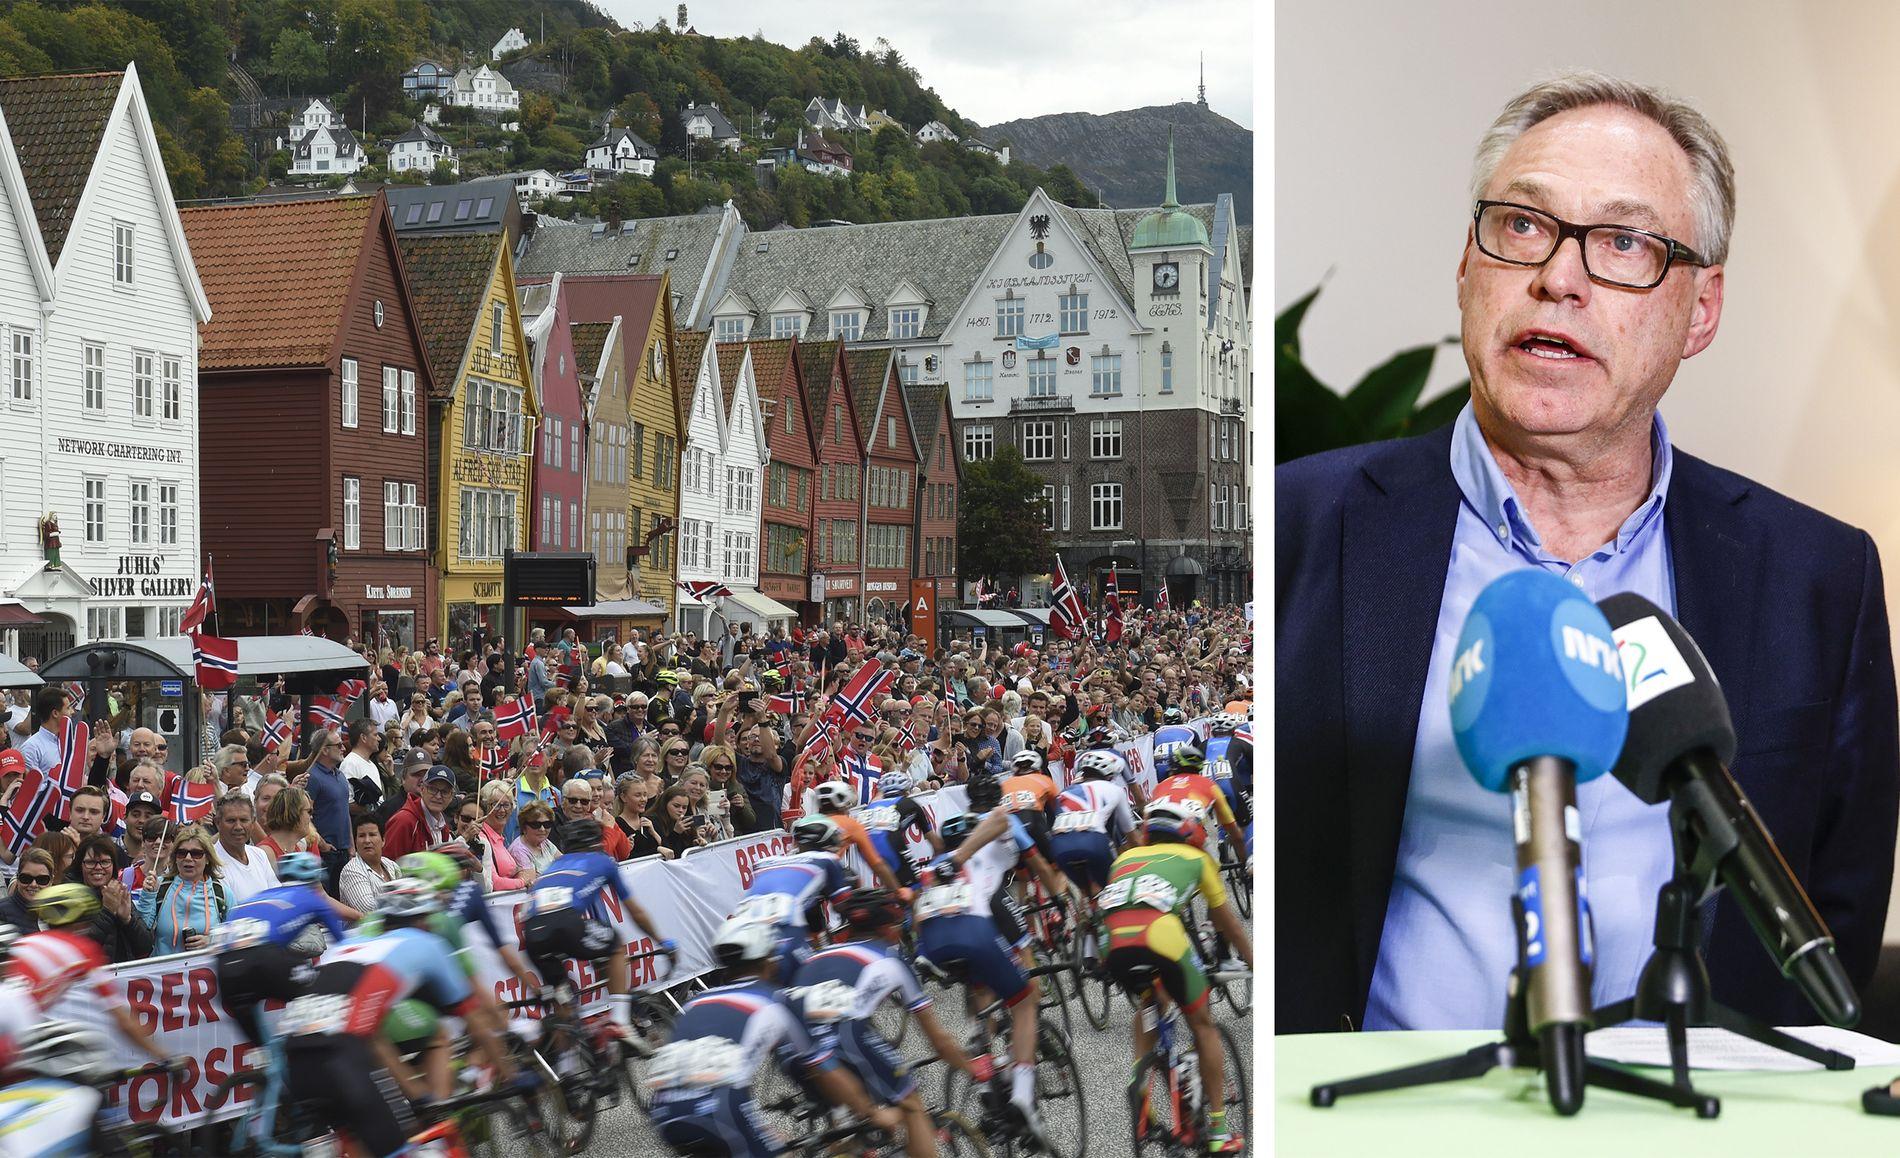 KONTROVERSIELL: Harald Tiedemann Hansen satt på toppen av både sykkelforbundet og Bergen 2017 AS da VM gikk økonomisk ad undas for halvannet år siden.